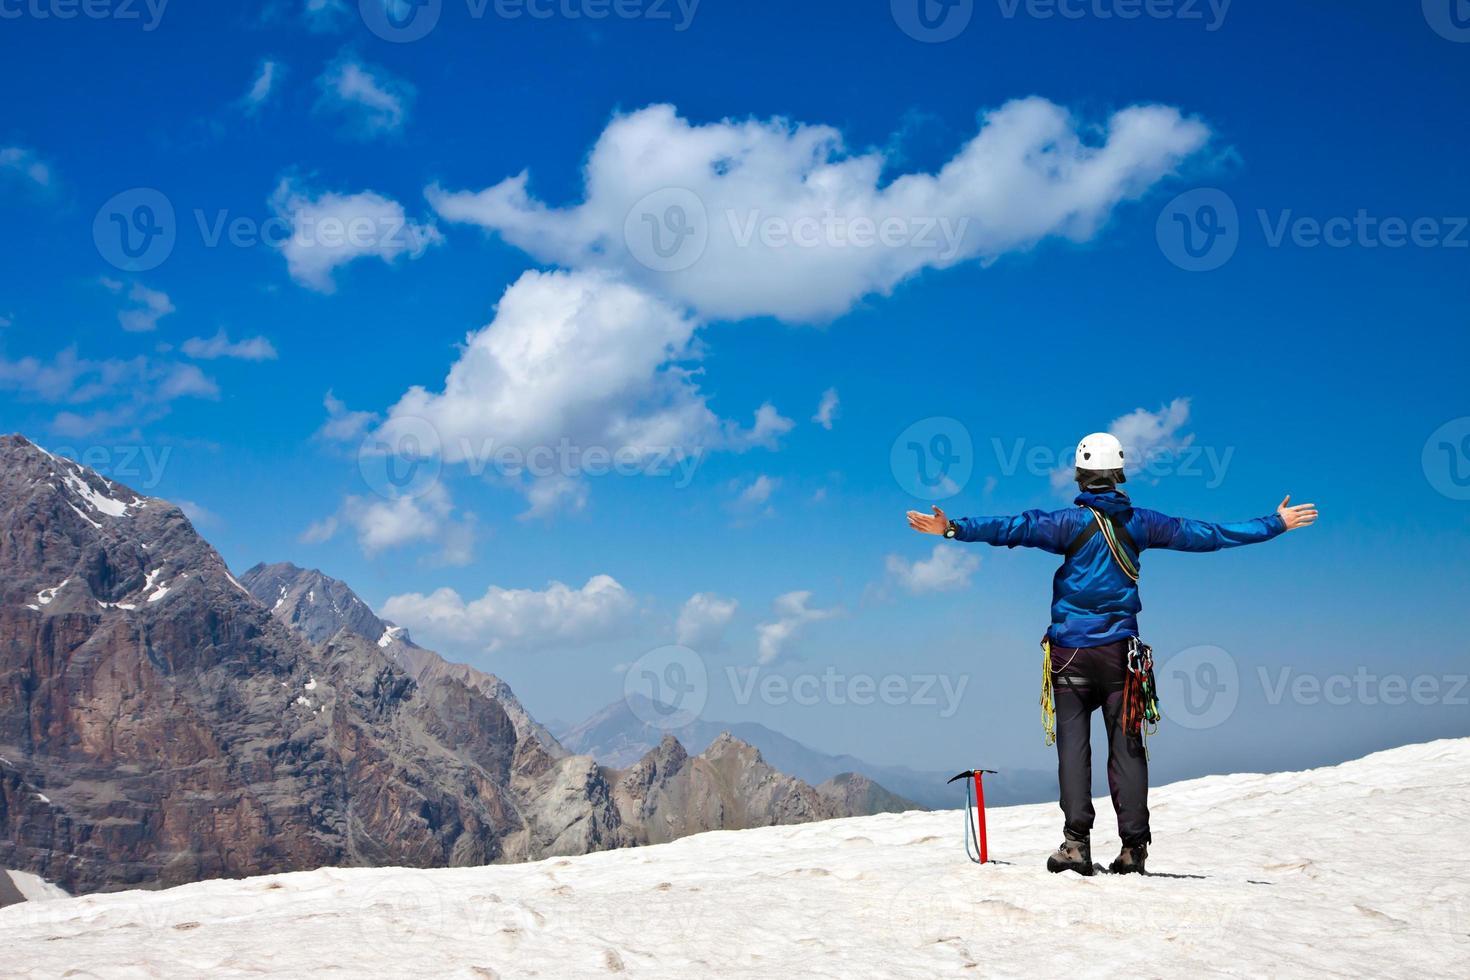 klättrare som tycker om på snötoppmötet foto